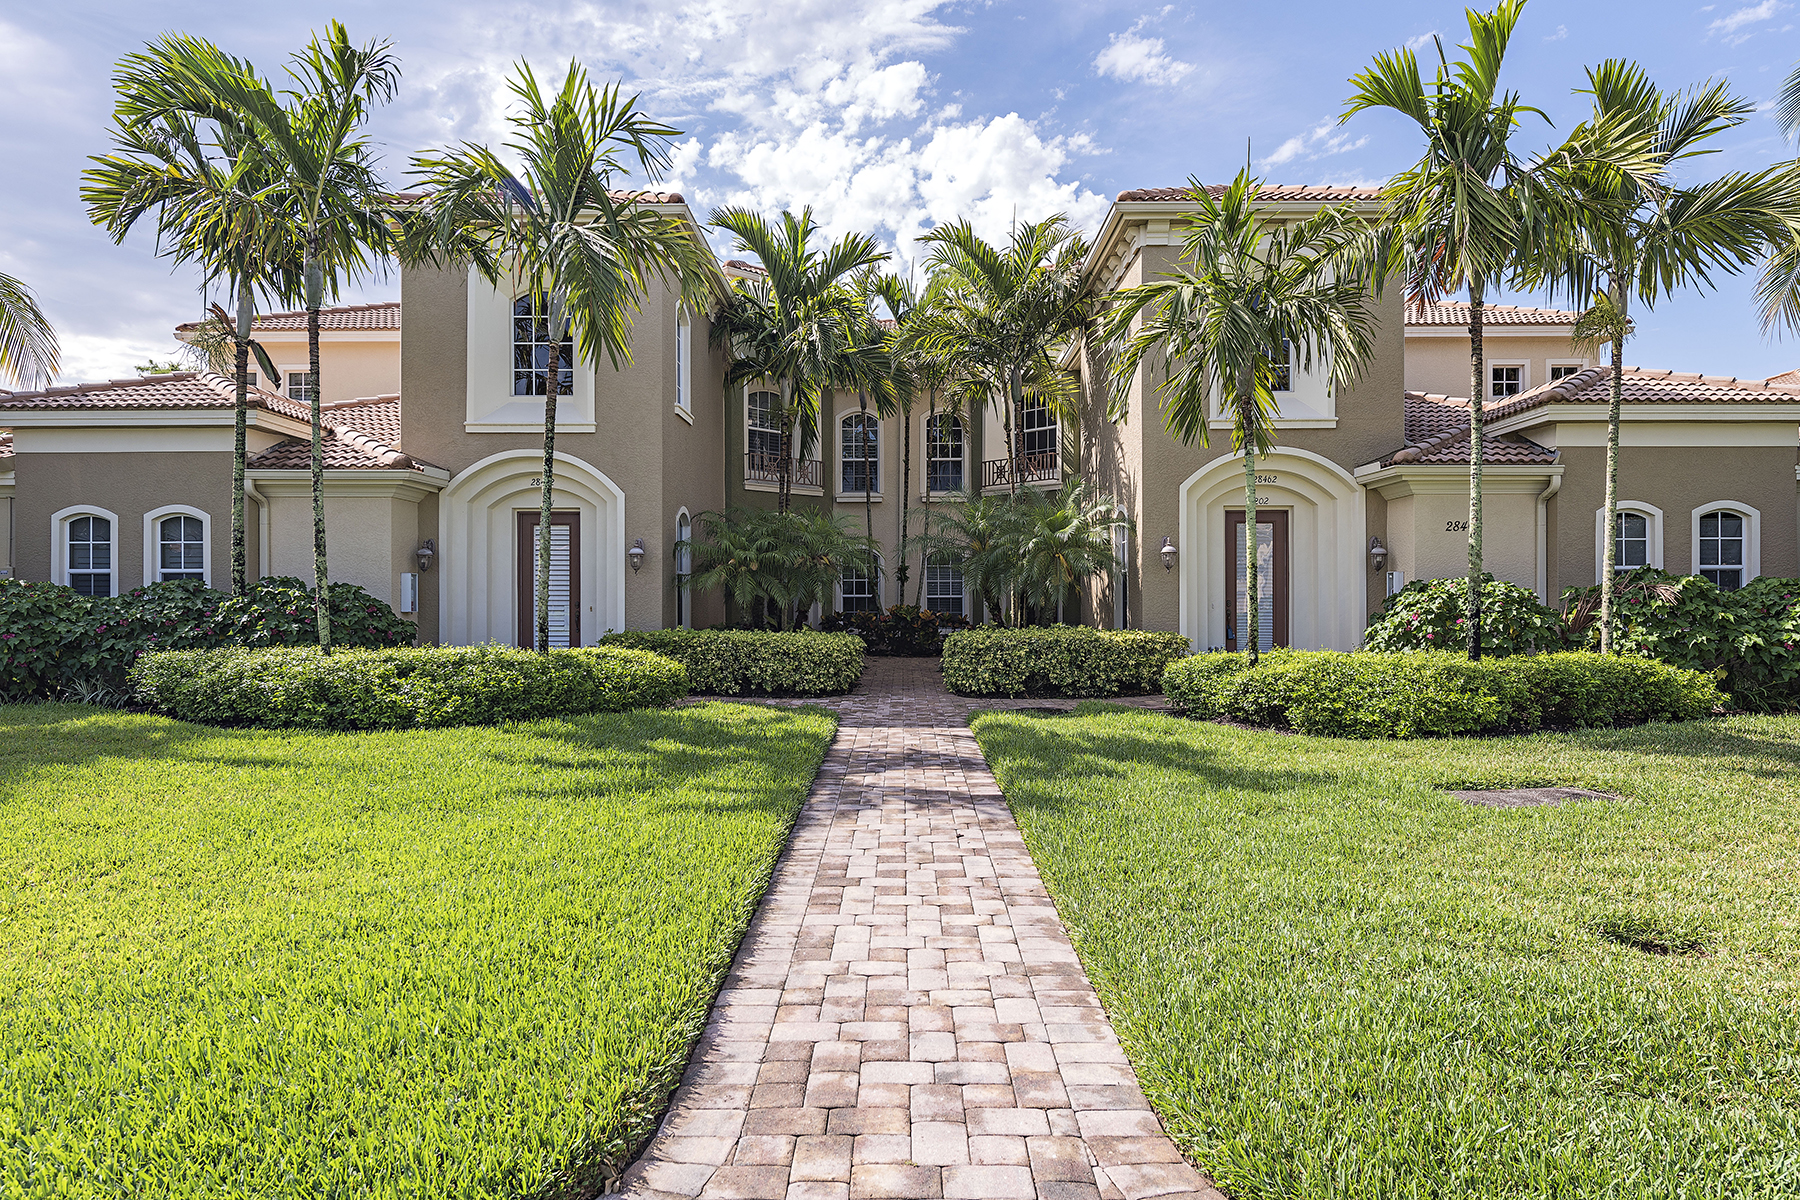 Condomínio para Venda às CASSIA - VASARI 28462 Altessa Way 202 Bonita Springs, Florida, 34135 Estados Unidos